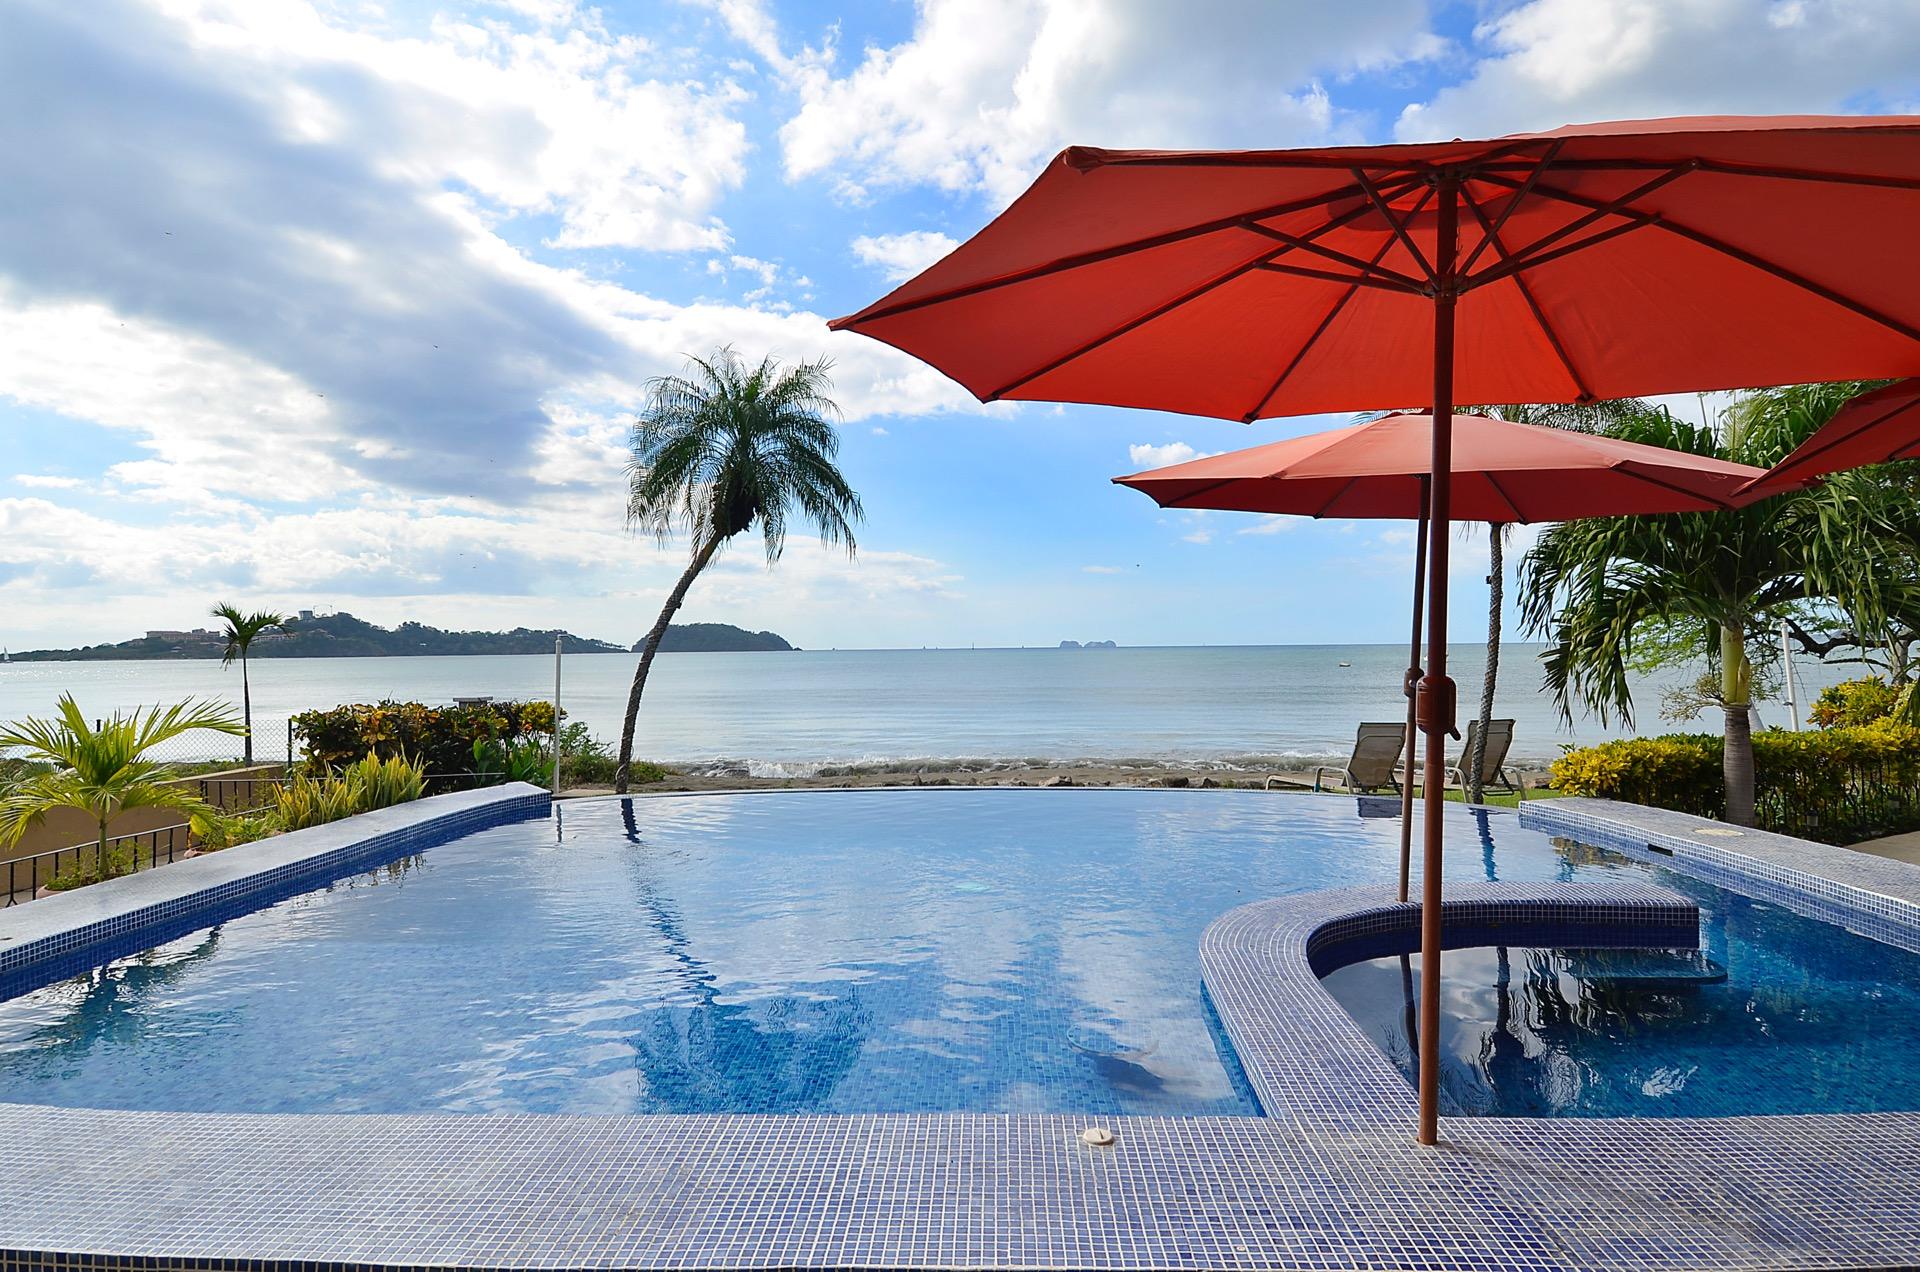 Corazon del Mar | A Potrero Beach Vacation Rental